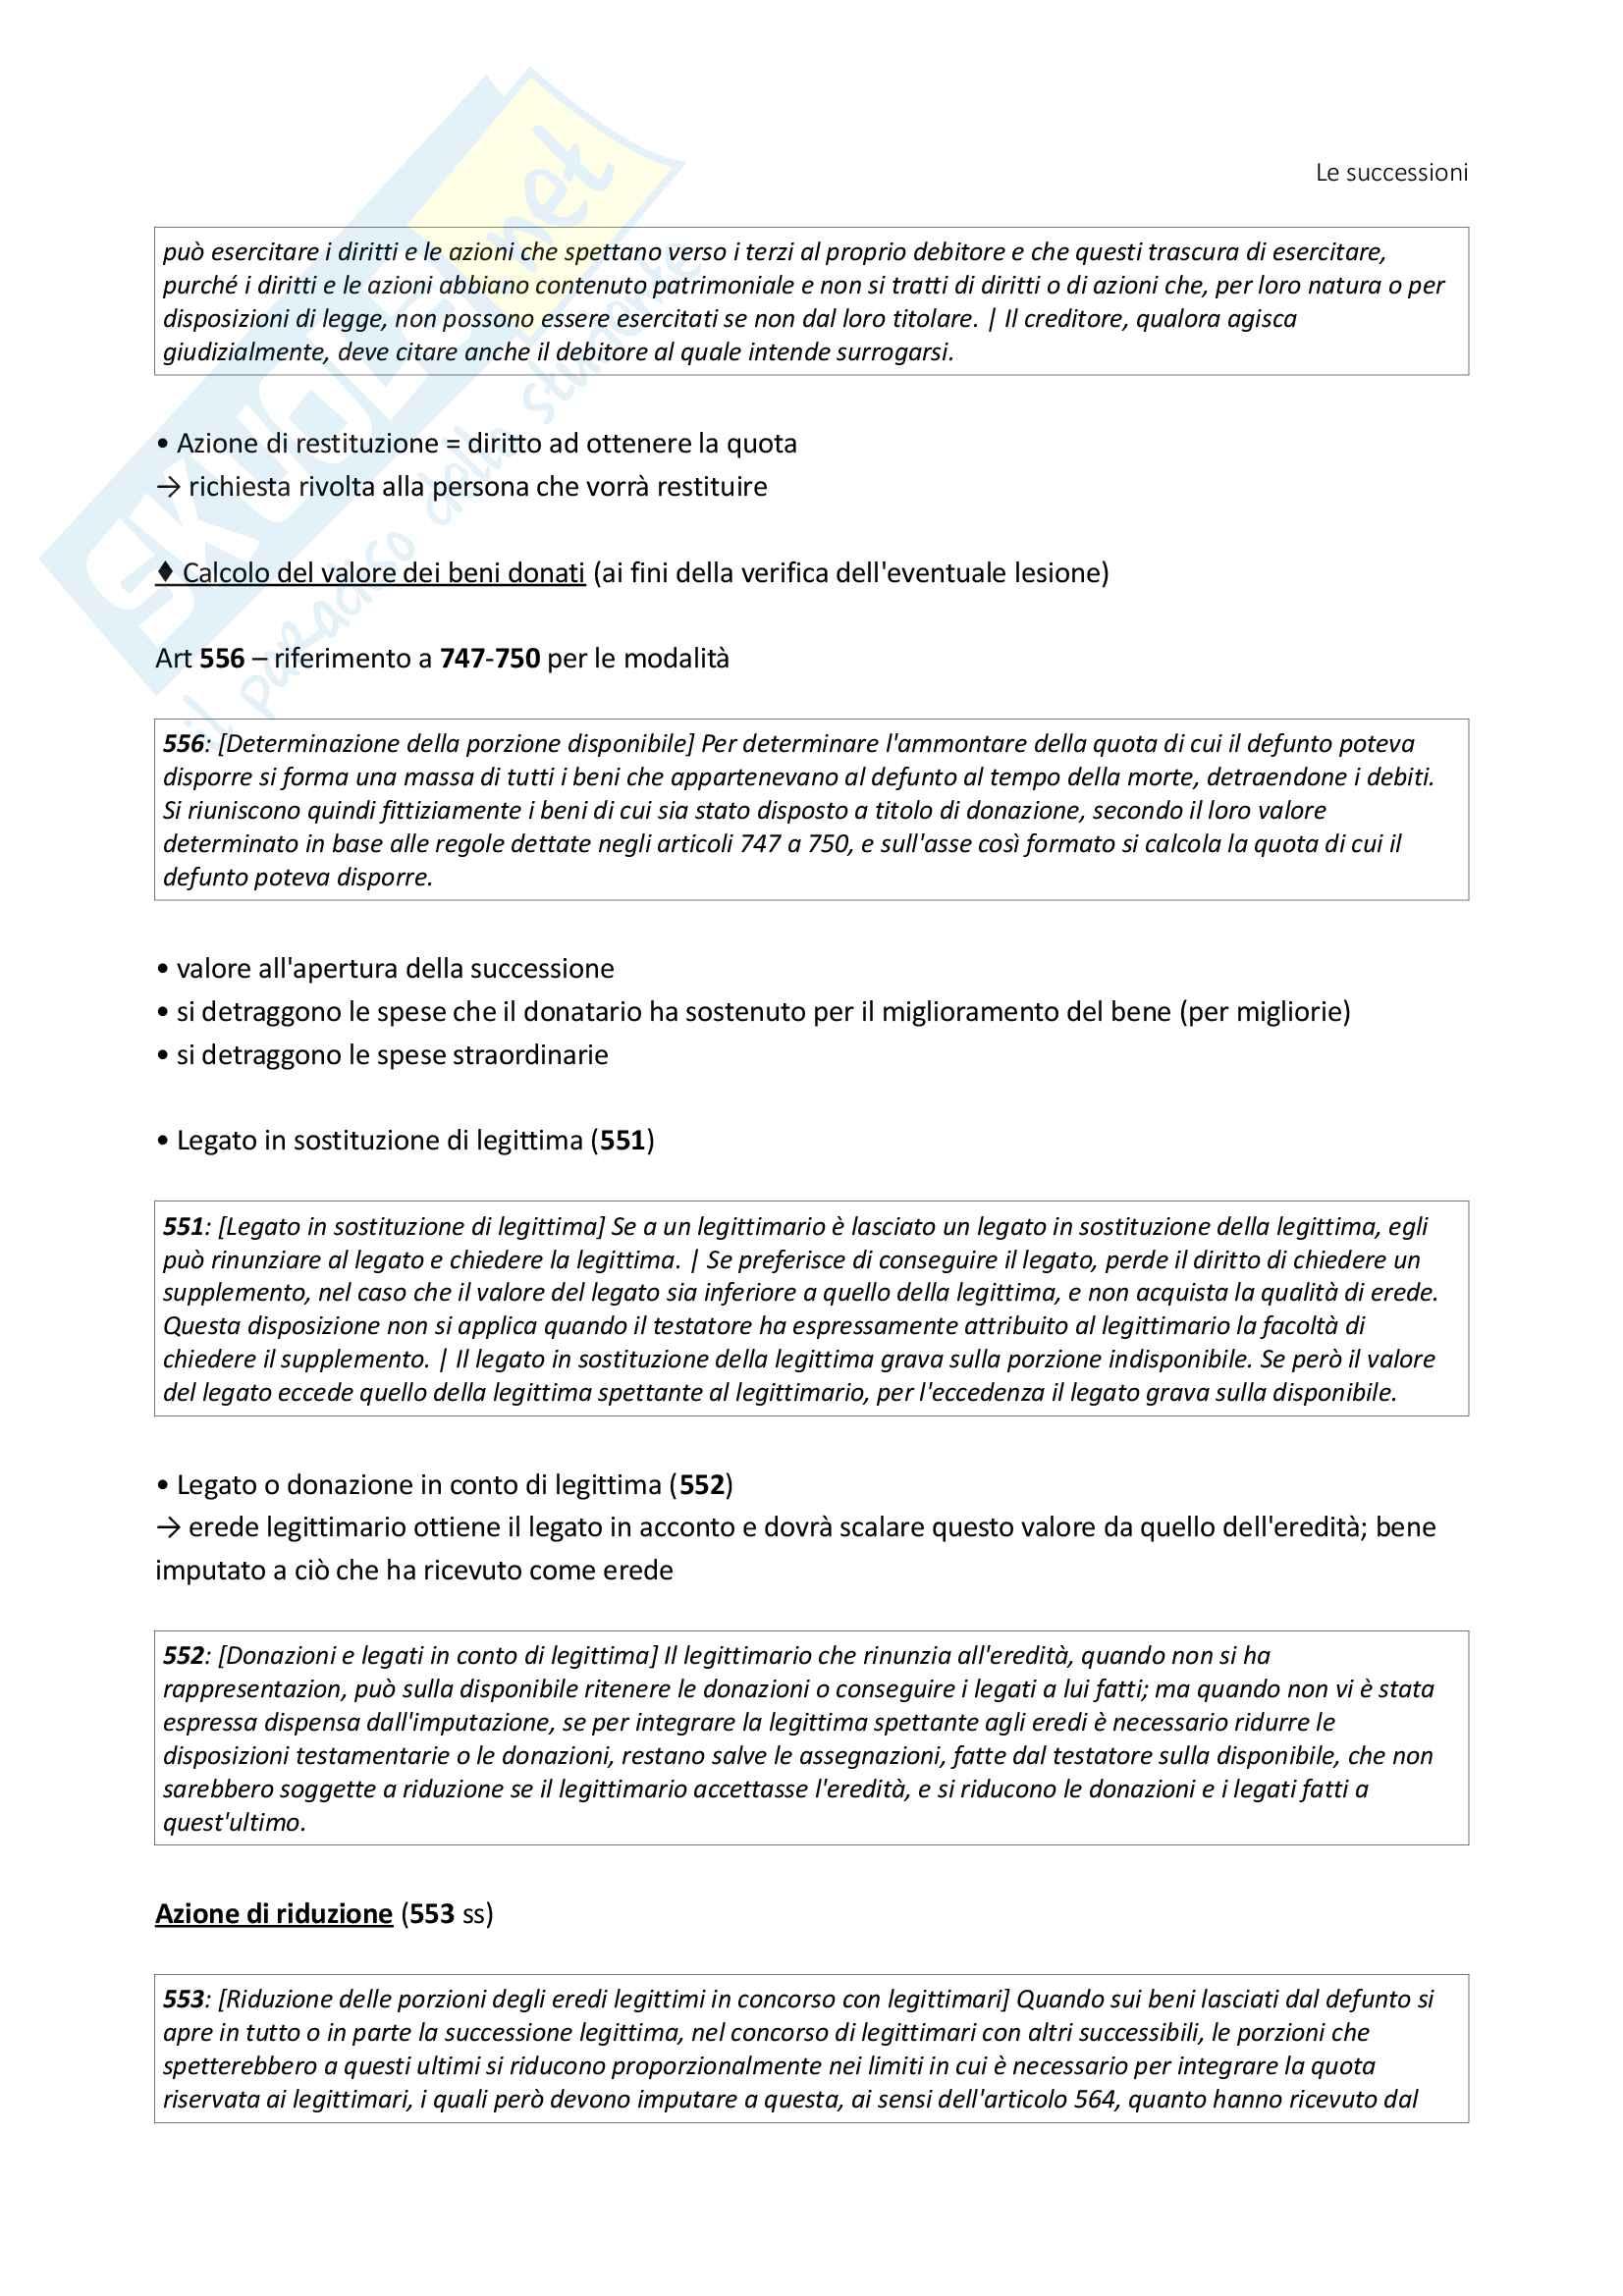 Istituzioni di Diritto Privato - Le Successioni (con filiazione) - Benacchio (UniTn) Pag. 26